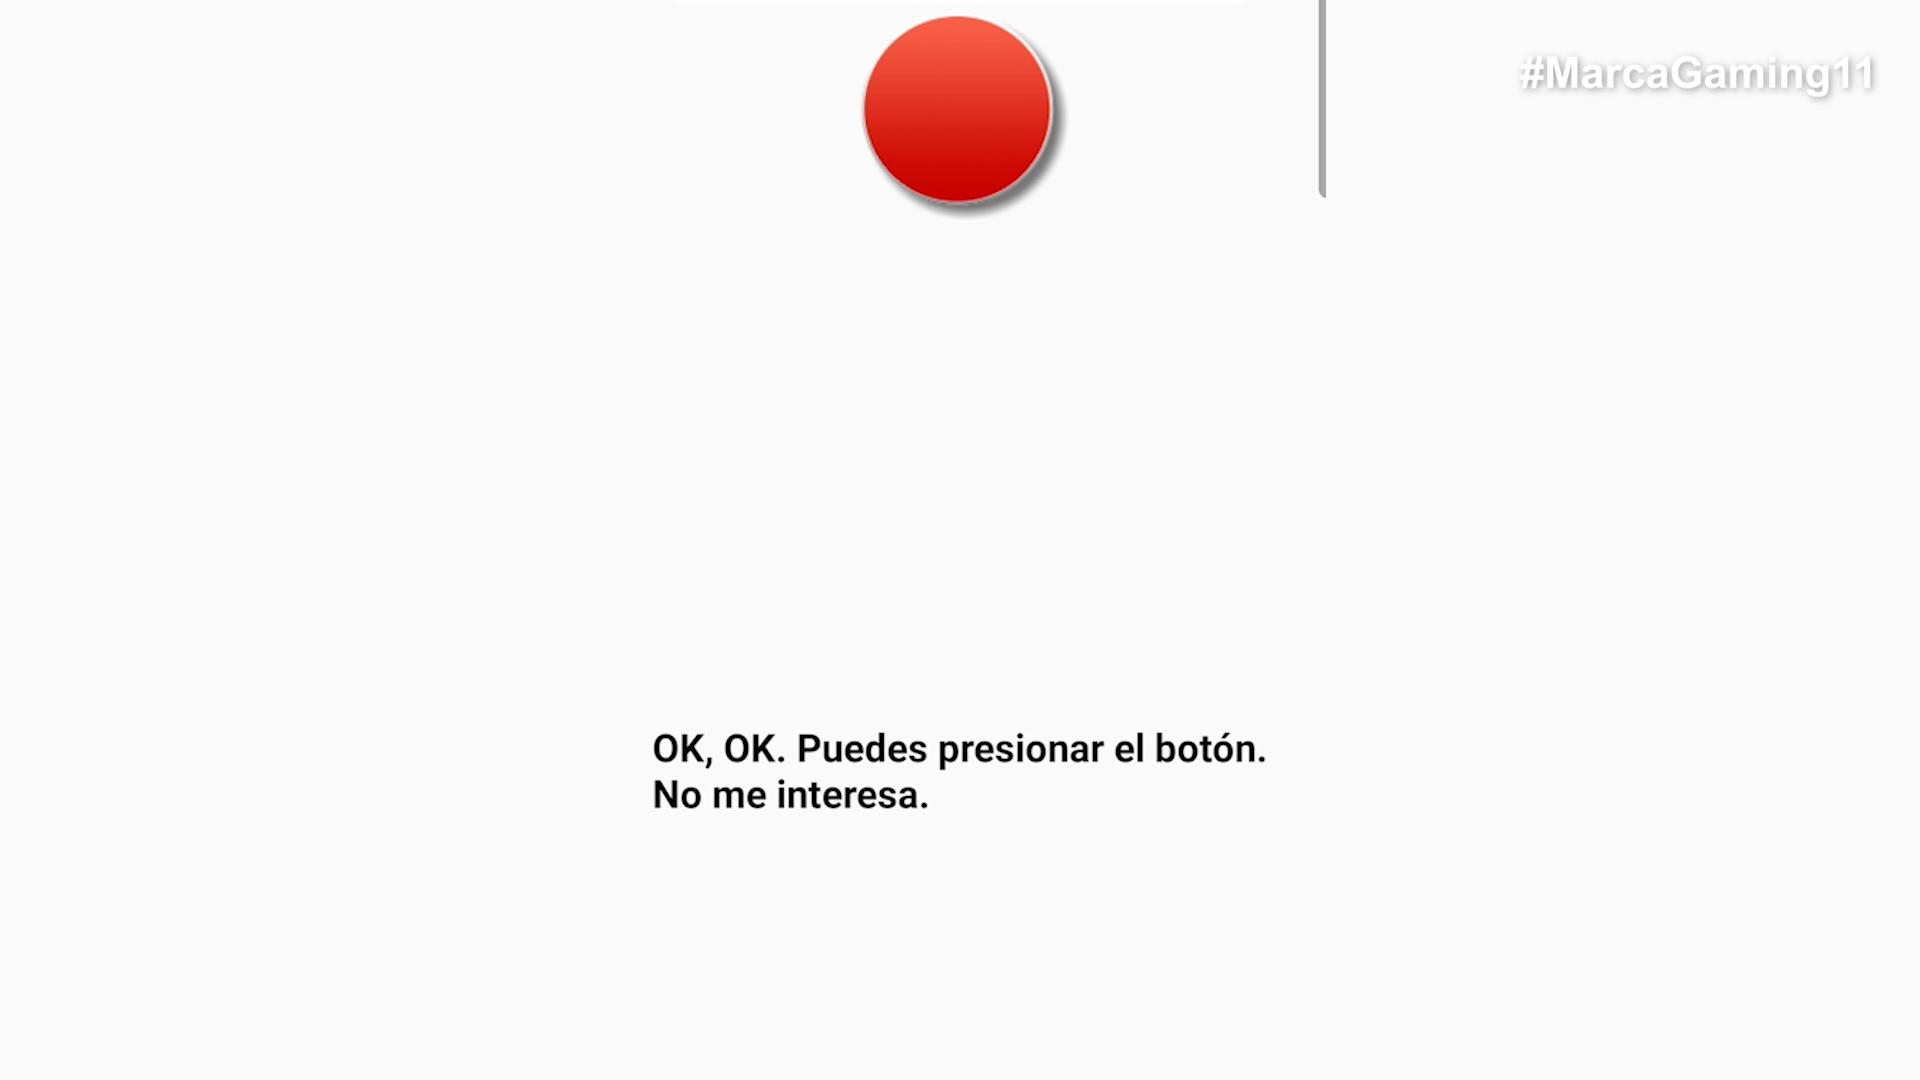 No presione el botón